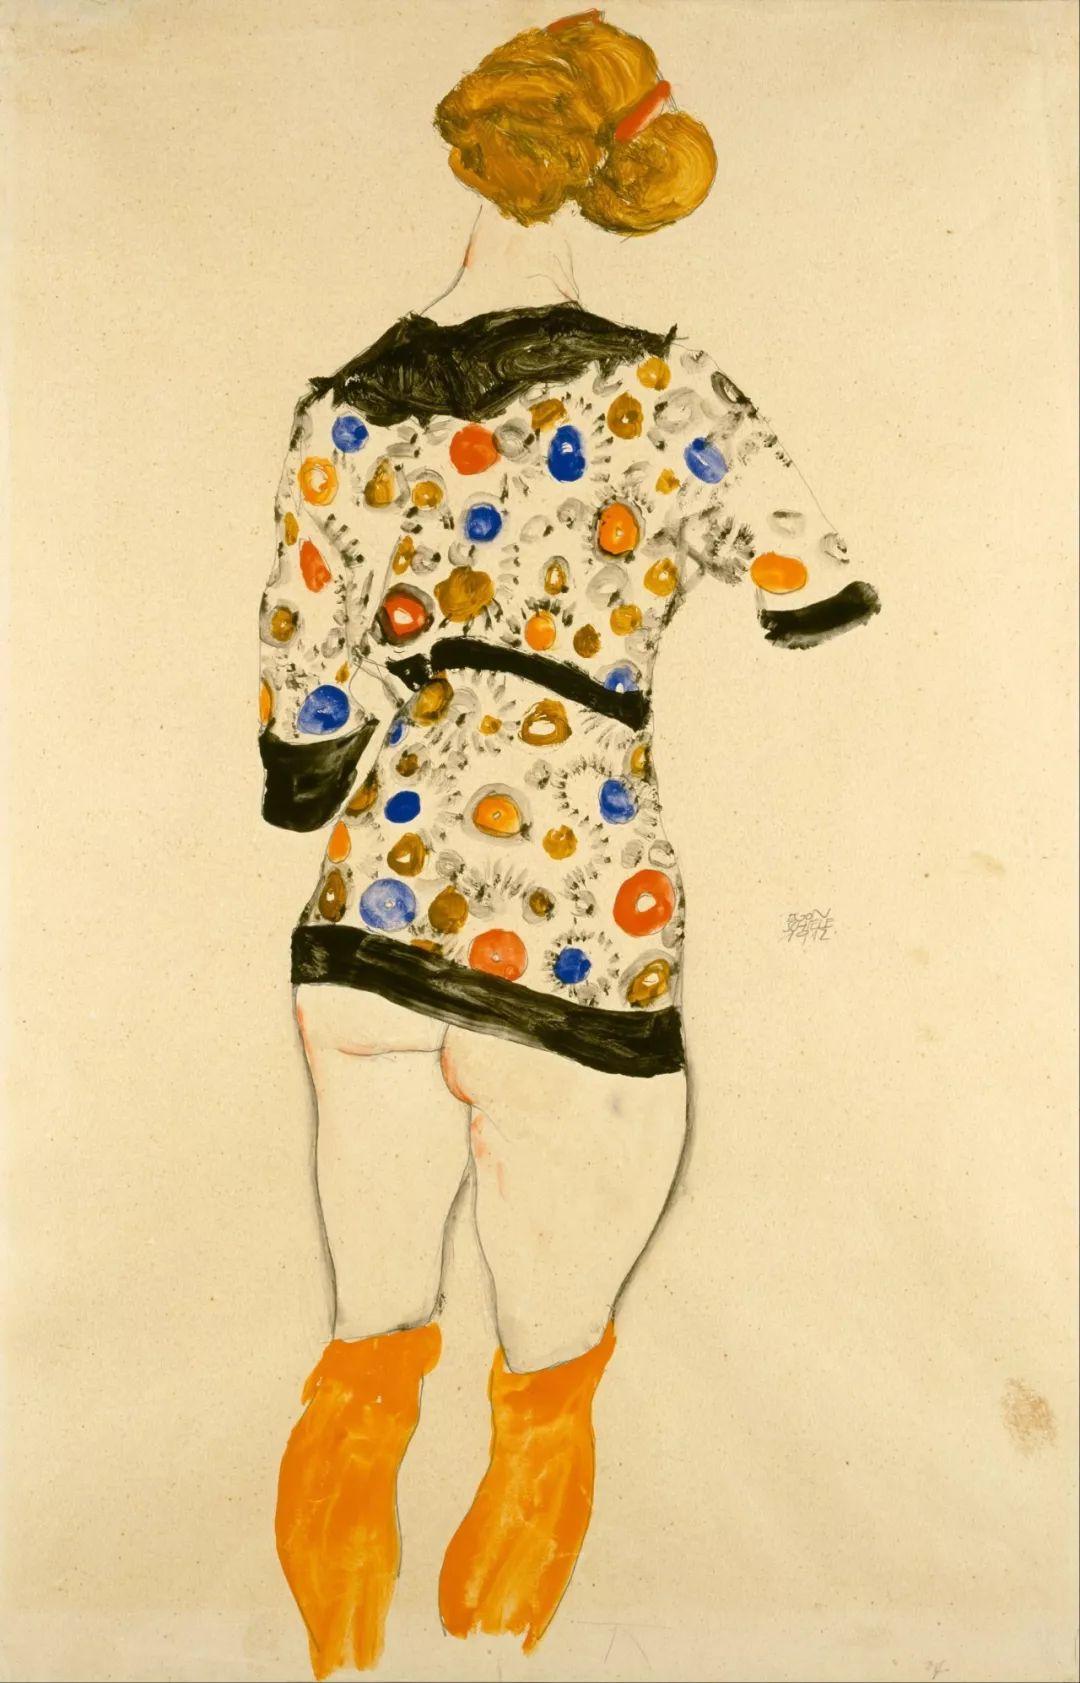 年仅28岁,生前遭受非议,死后却被捧为直逼心灵的艺术家插图47